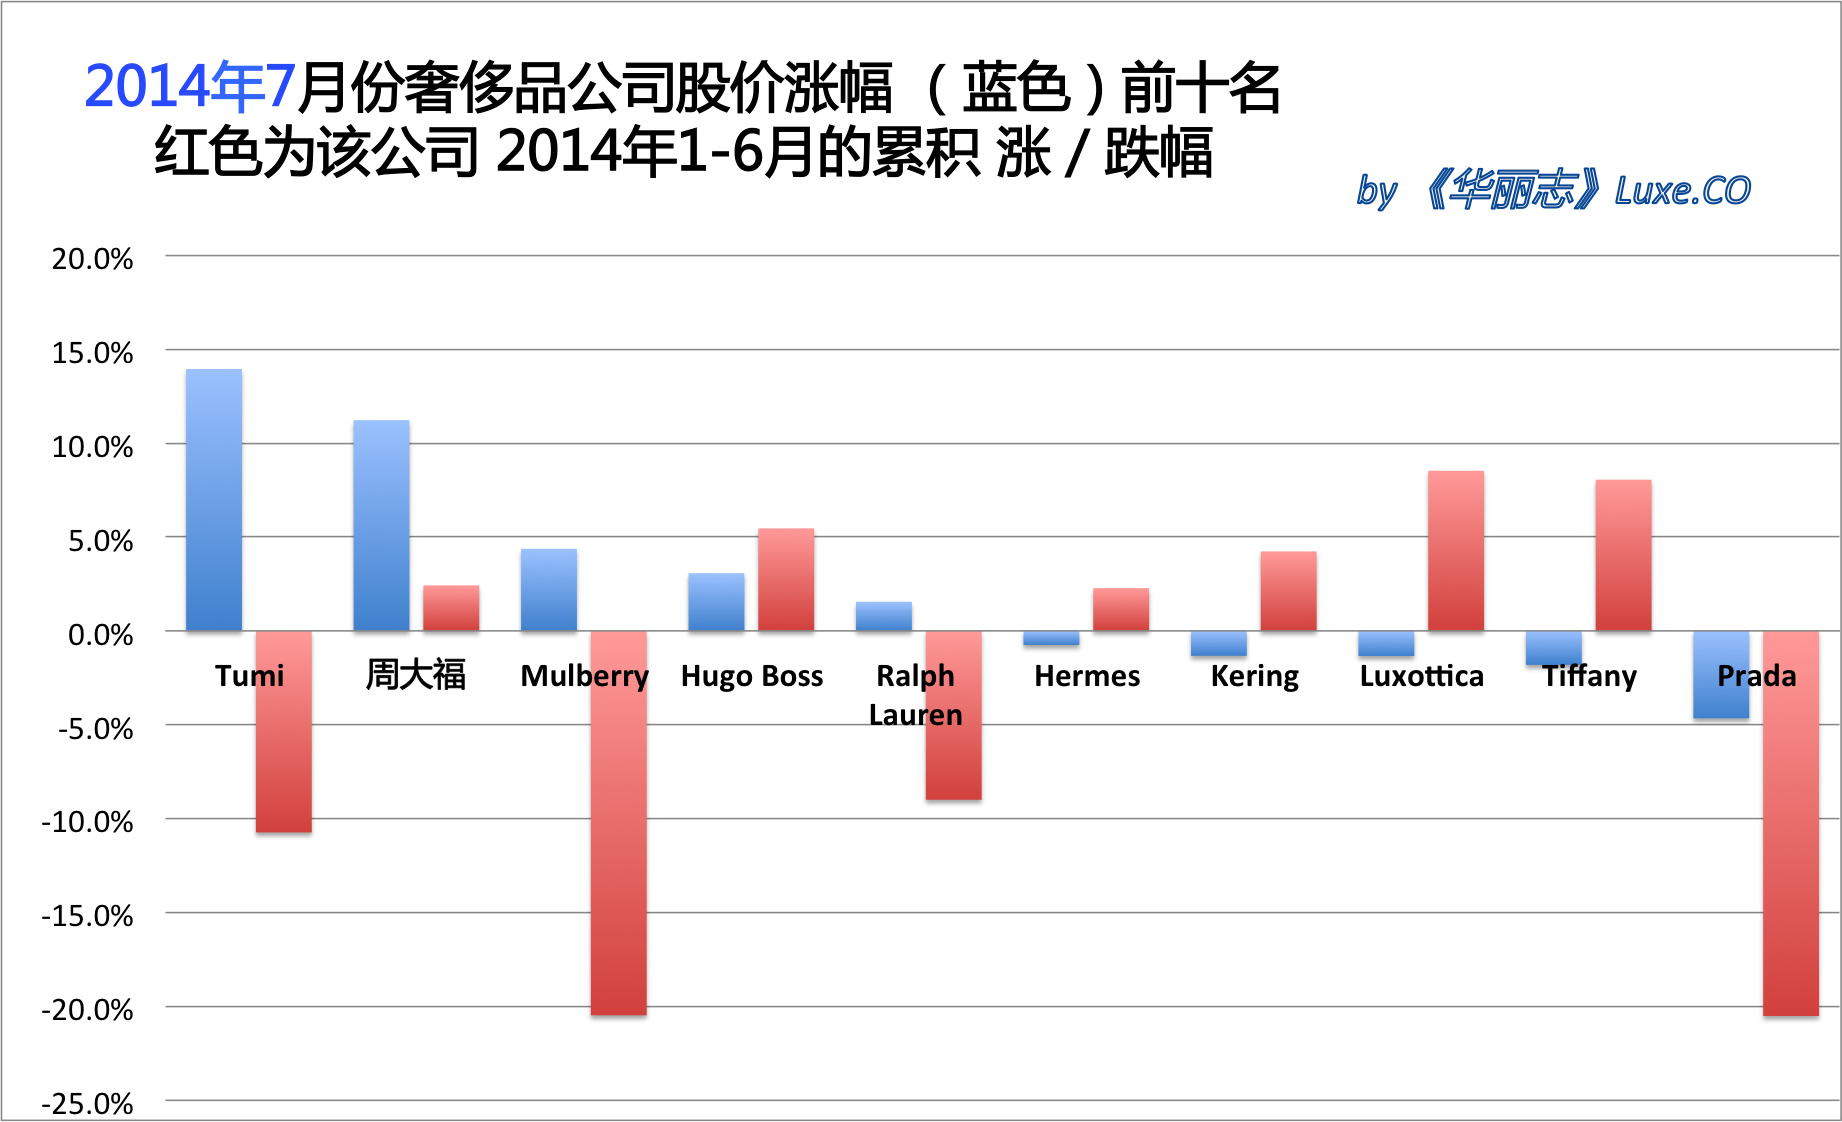 《华丽志》奢侈品股票月度排行榜(2014年7月)